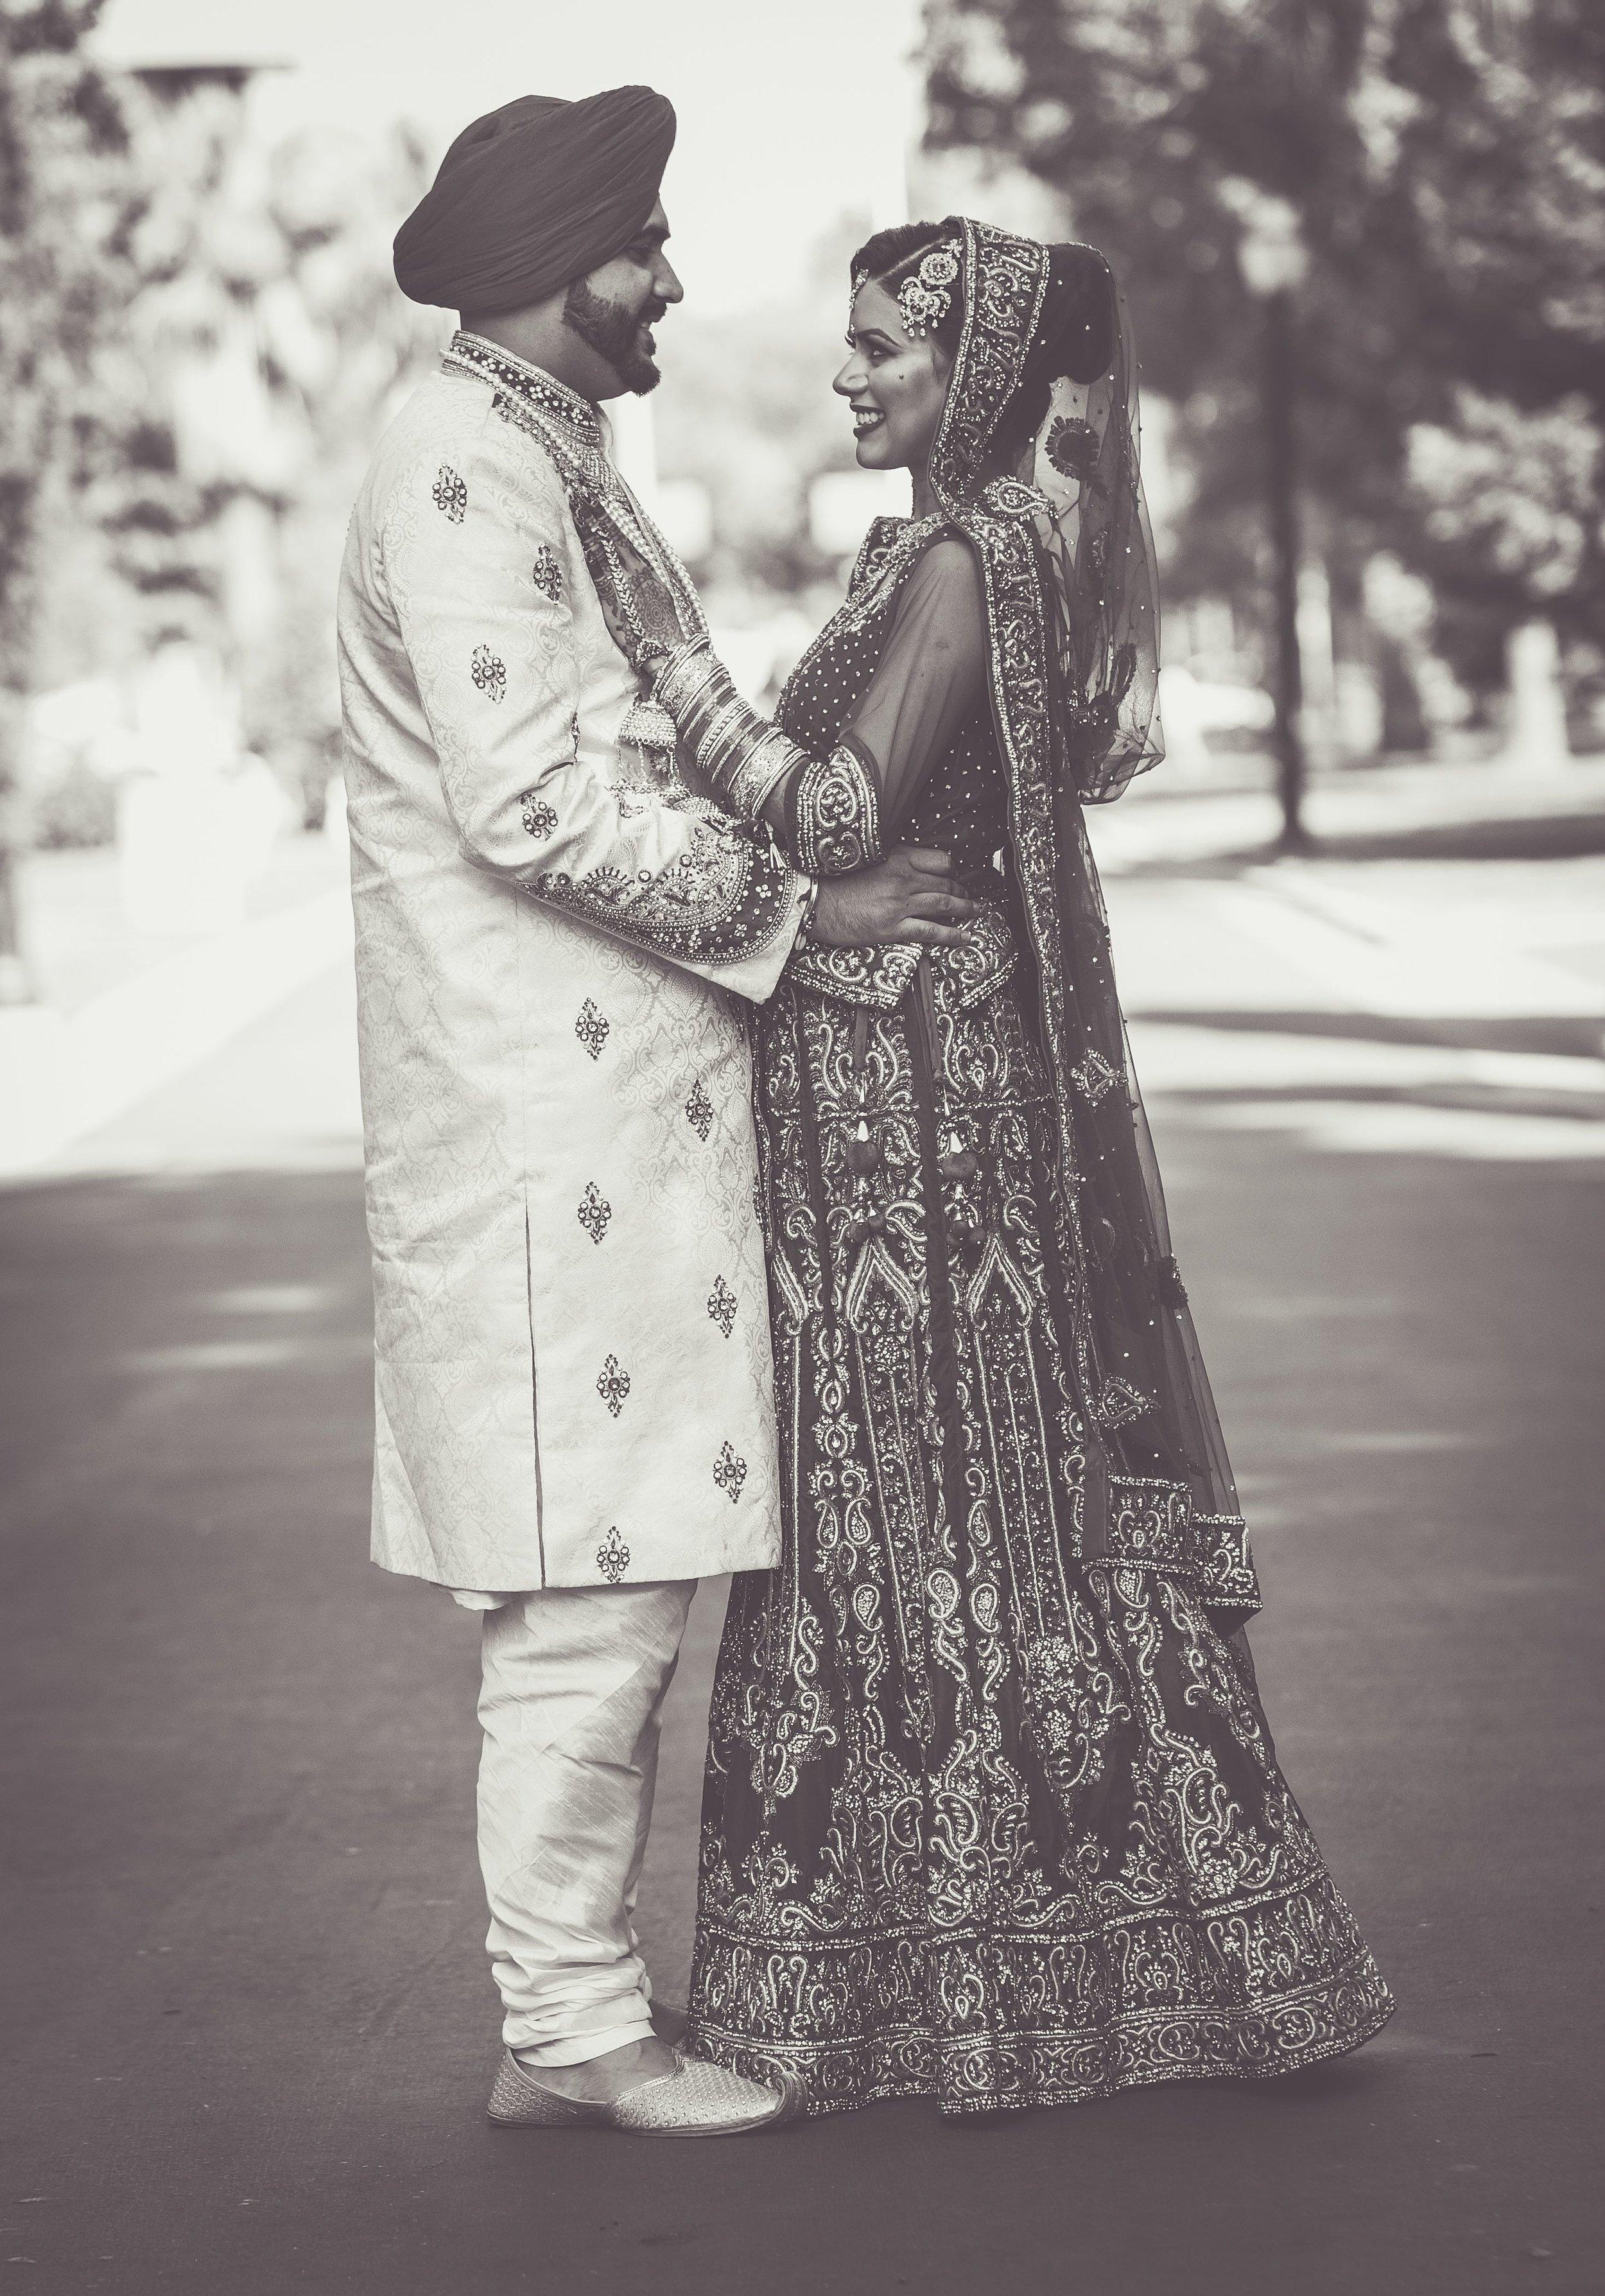 online513 Jatinder & Khushbir Wedding Day -  Wedding58.jpg